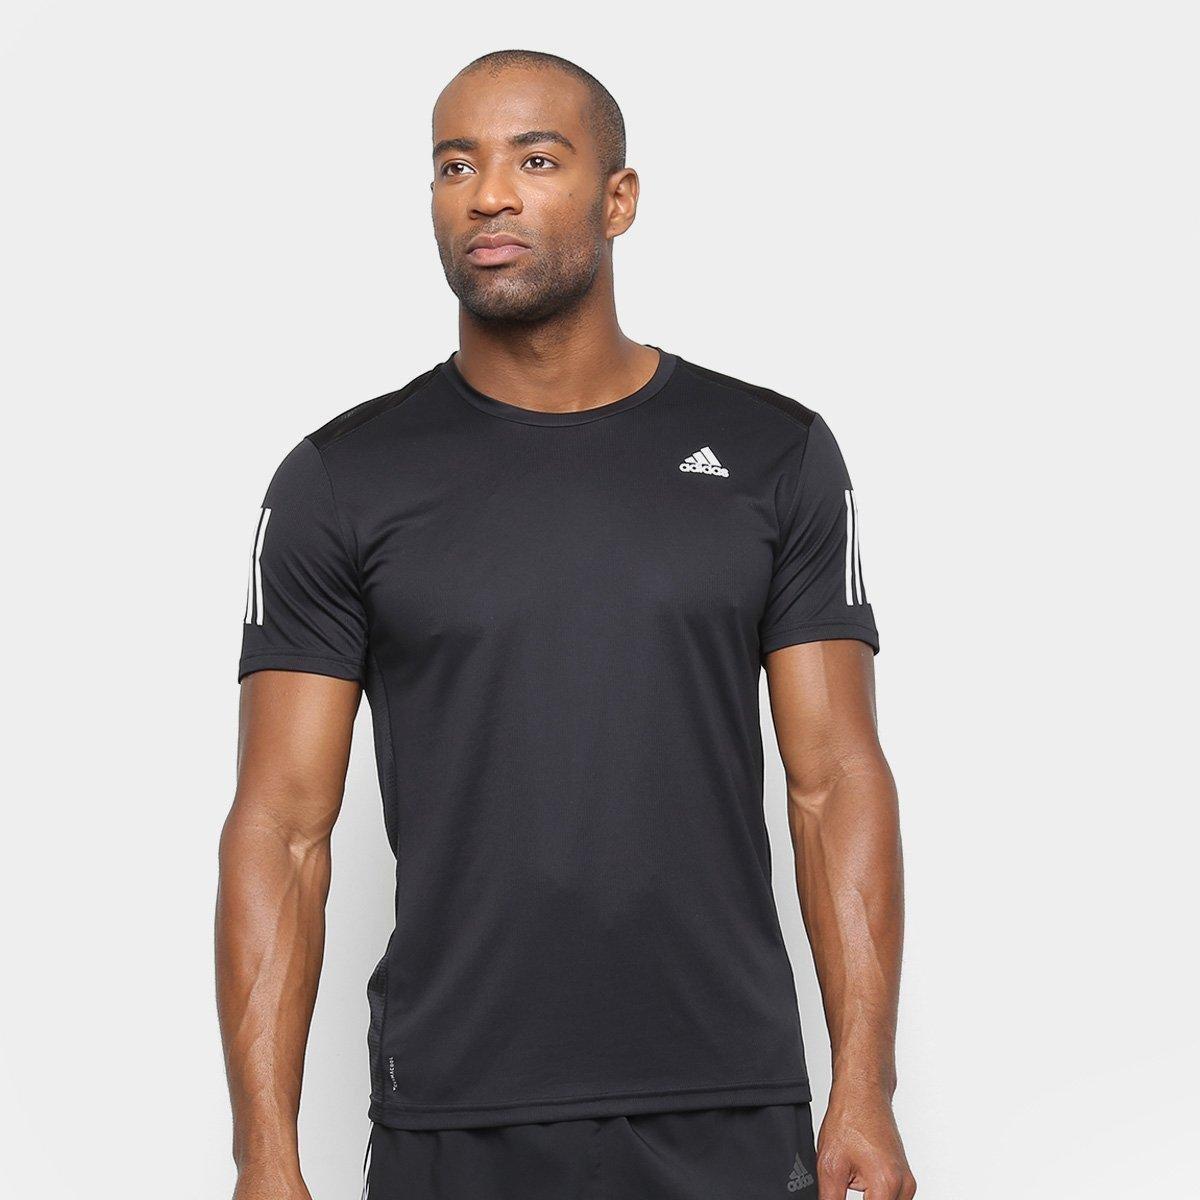 1ebcc554f4f Camiseta Adidas Own The Run Masculina - Preto e Branco - Compre Agora